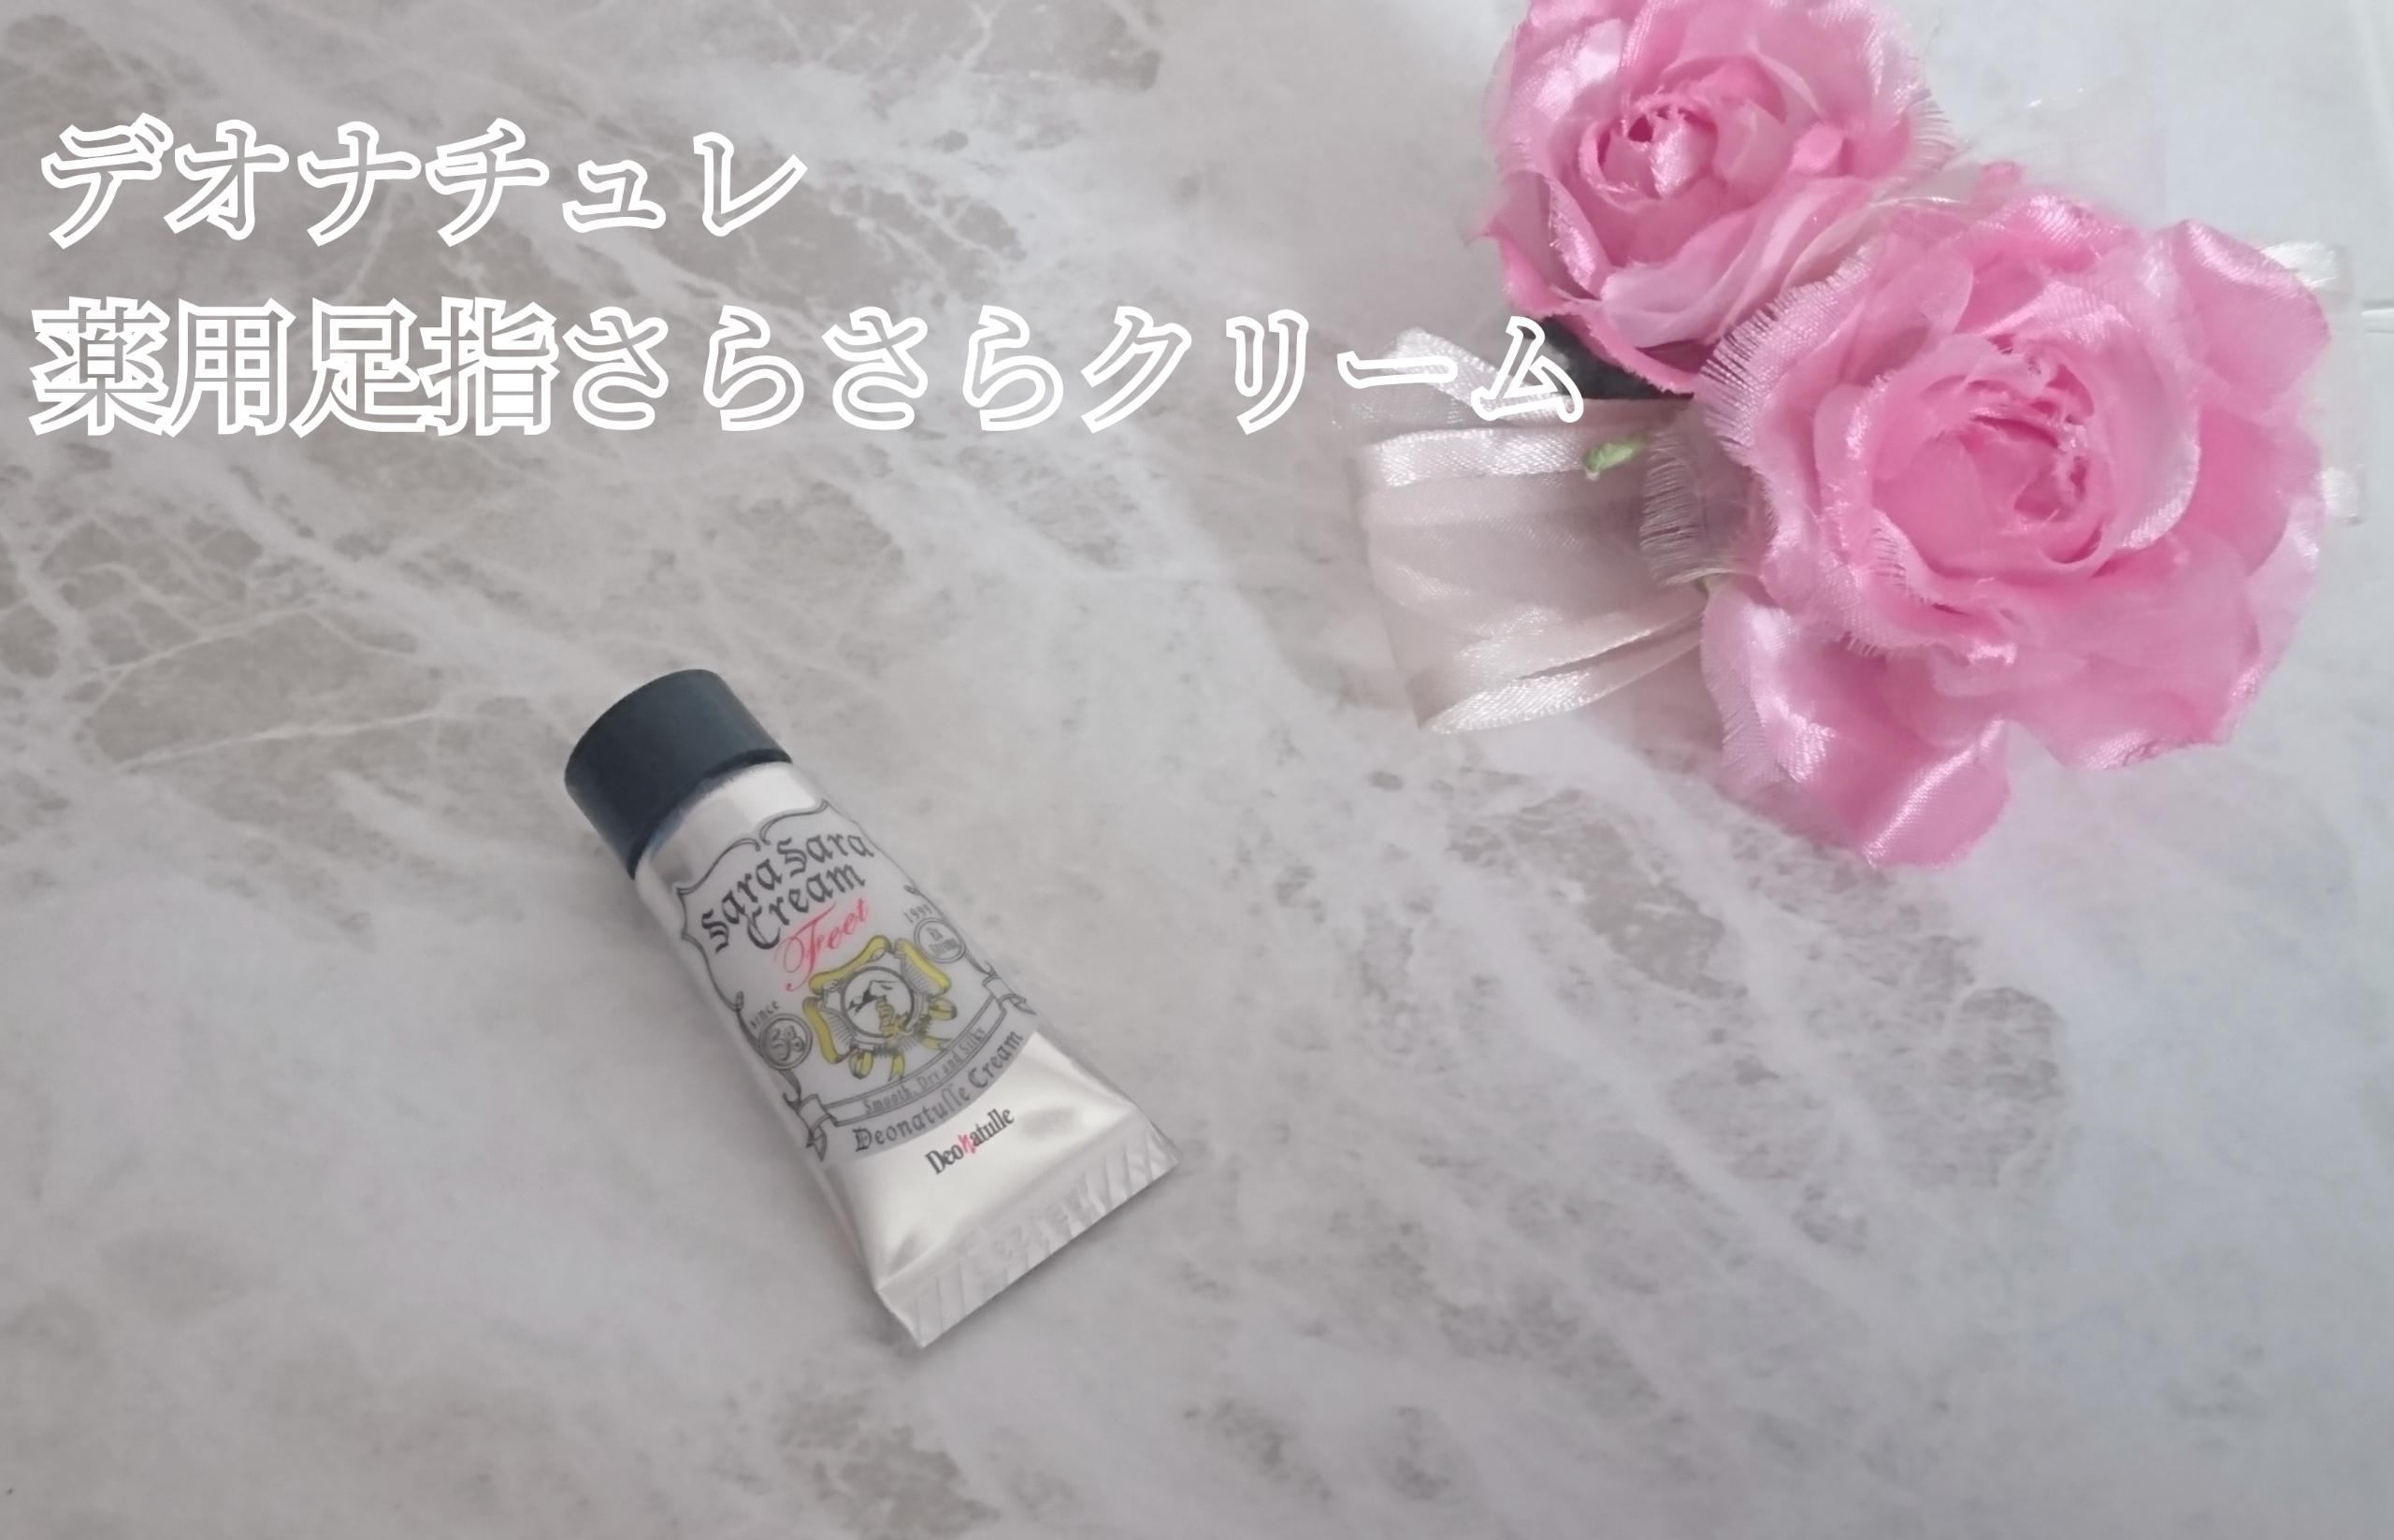 Deonatulle(デオナチュレ) 足指さらさらクリームを使ったYuKaRi♡さんのクチコミ画像1